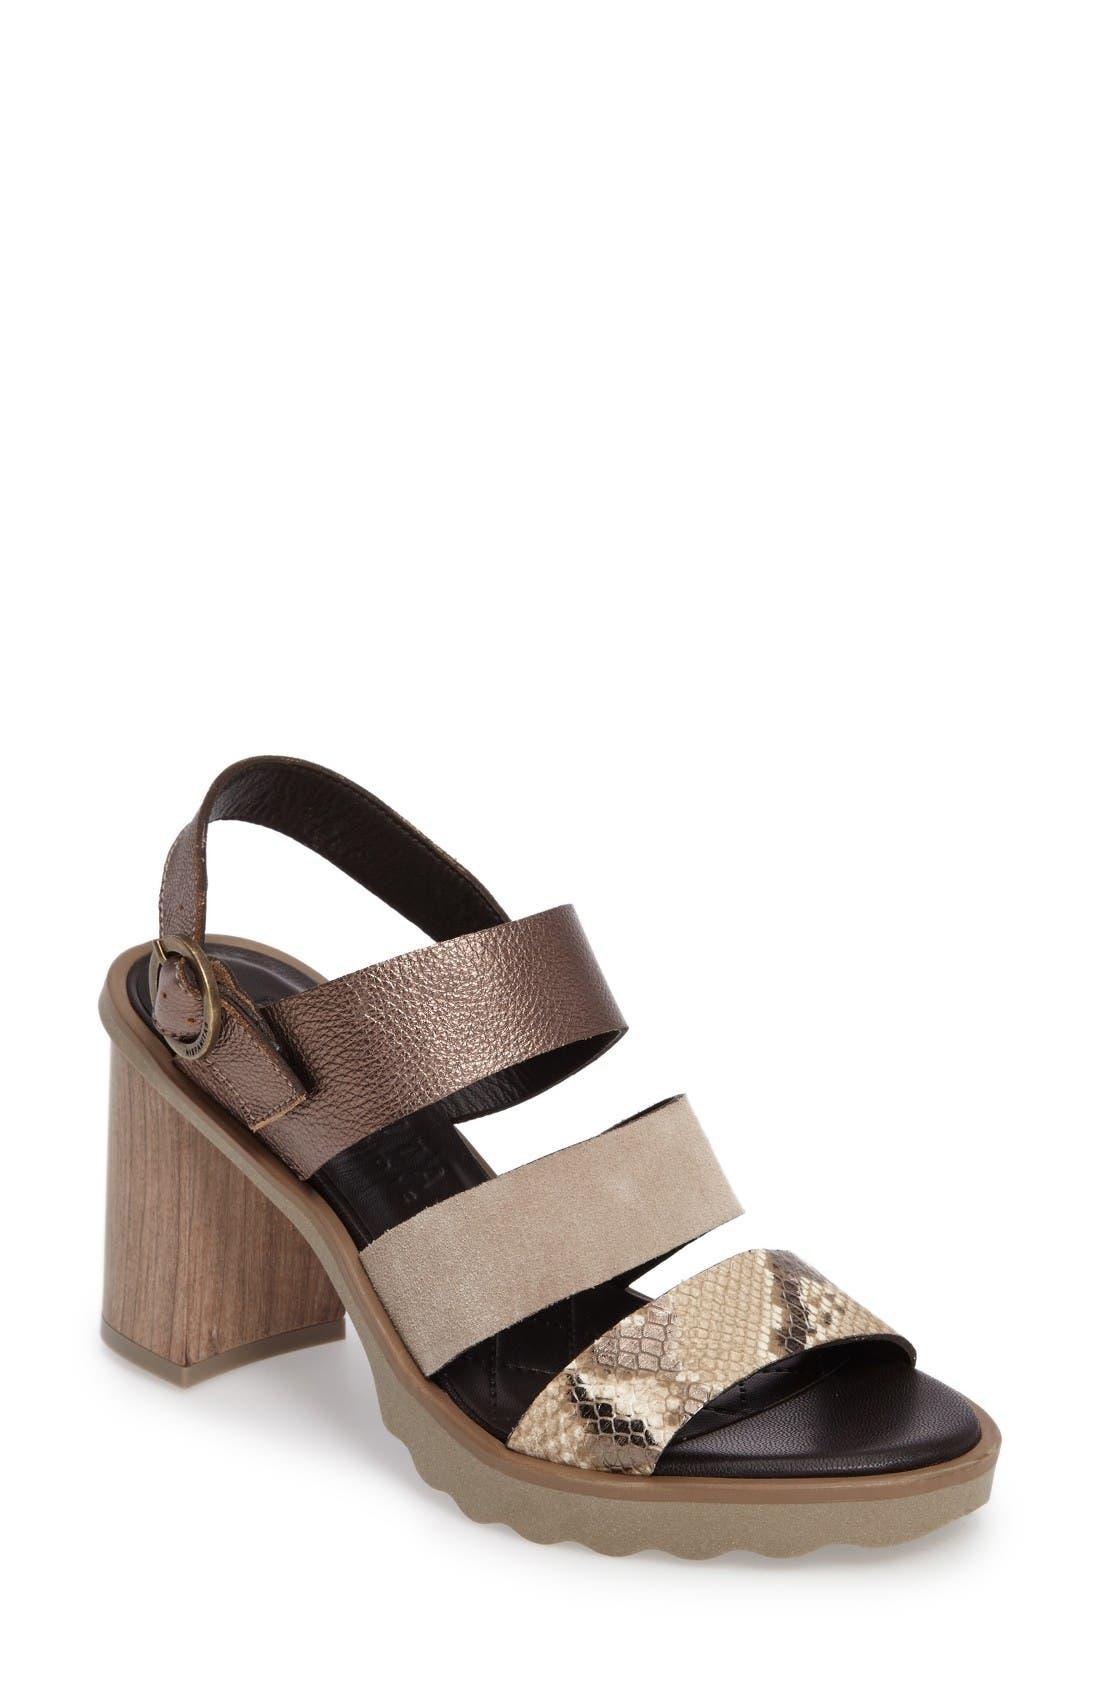 HISPANITAS Greer Strappy Slingback Sandal